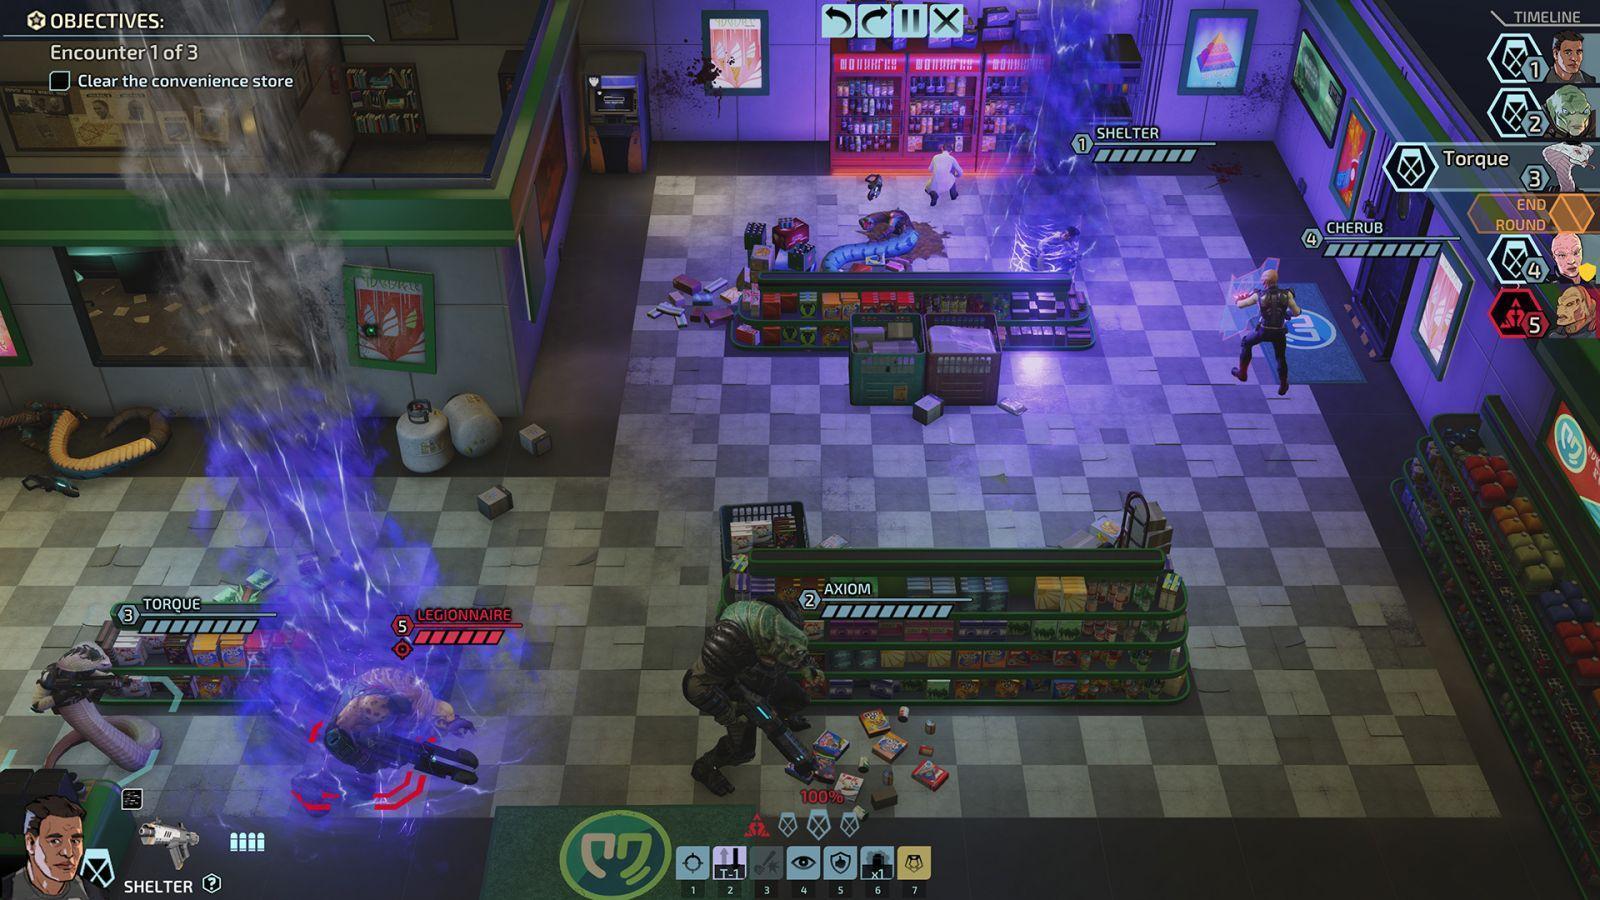 Игра XCOM 2 стала временно бесплатной в Steam (78bfe6134b808ebd8f5a76f8e109da49)